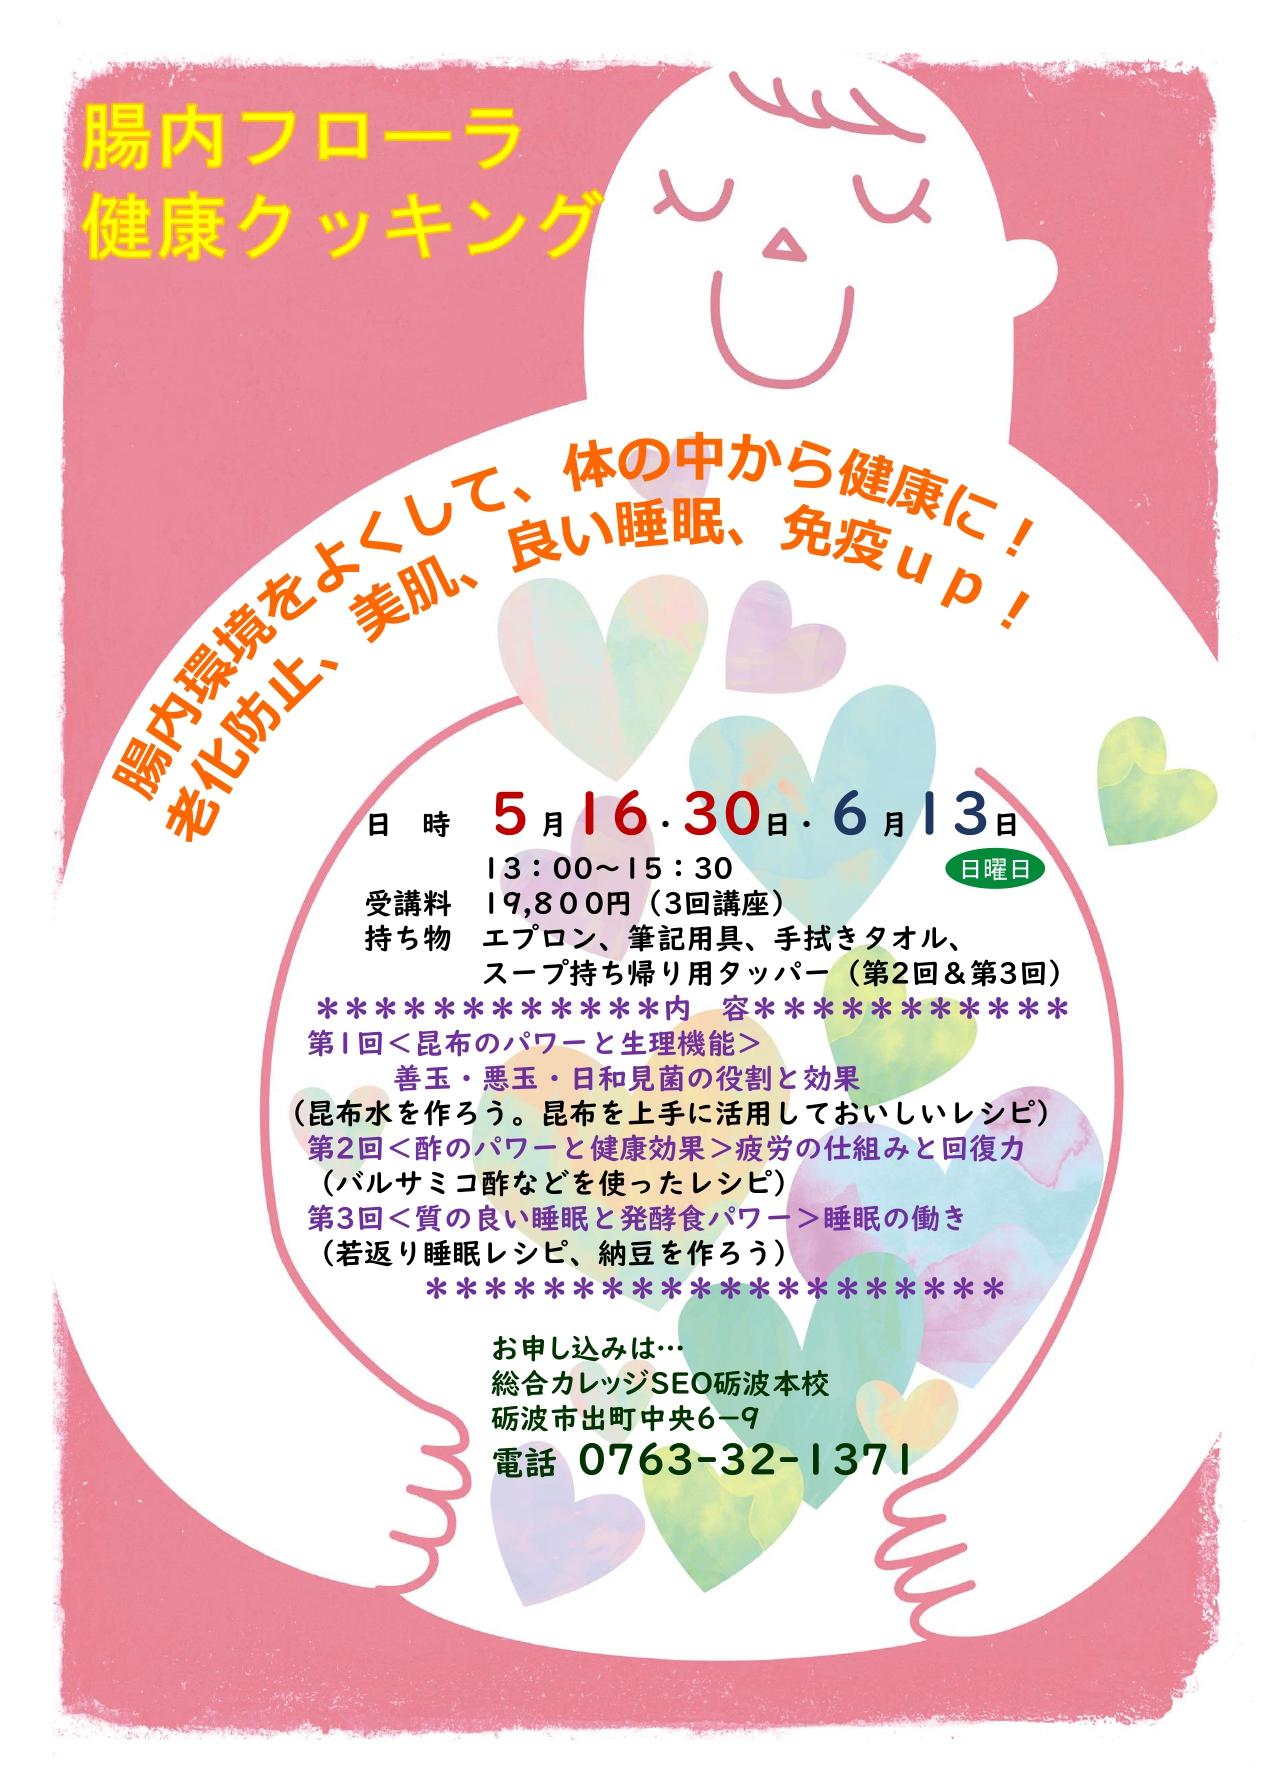 腸内フローラ健康クッキング(2ndステージ)_page-0001 (1)